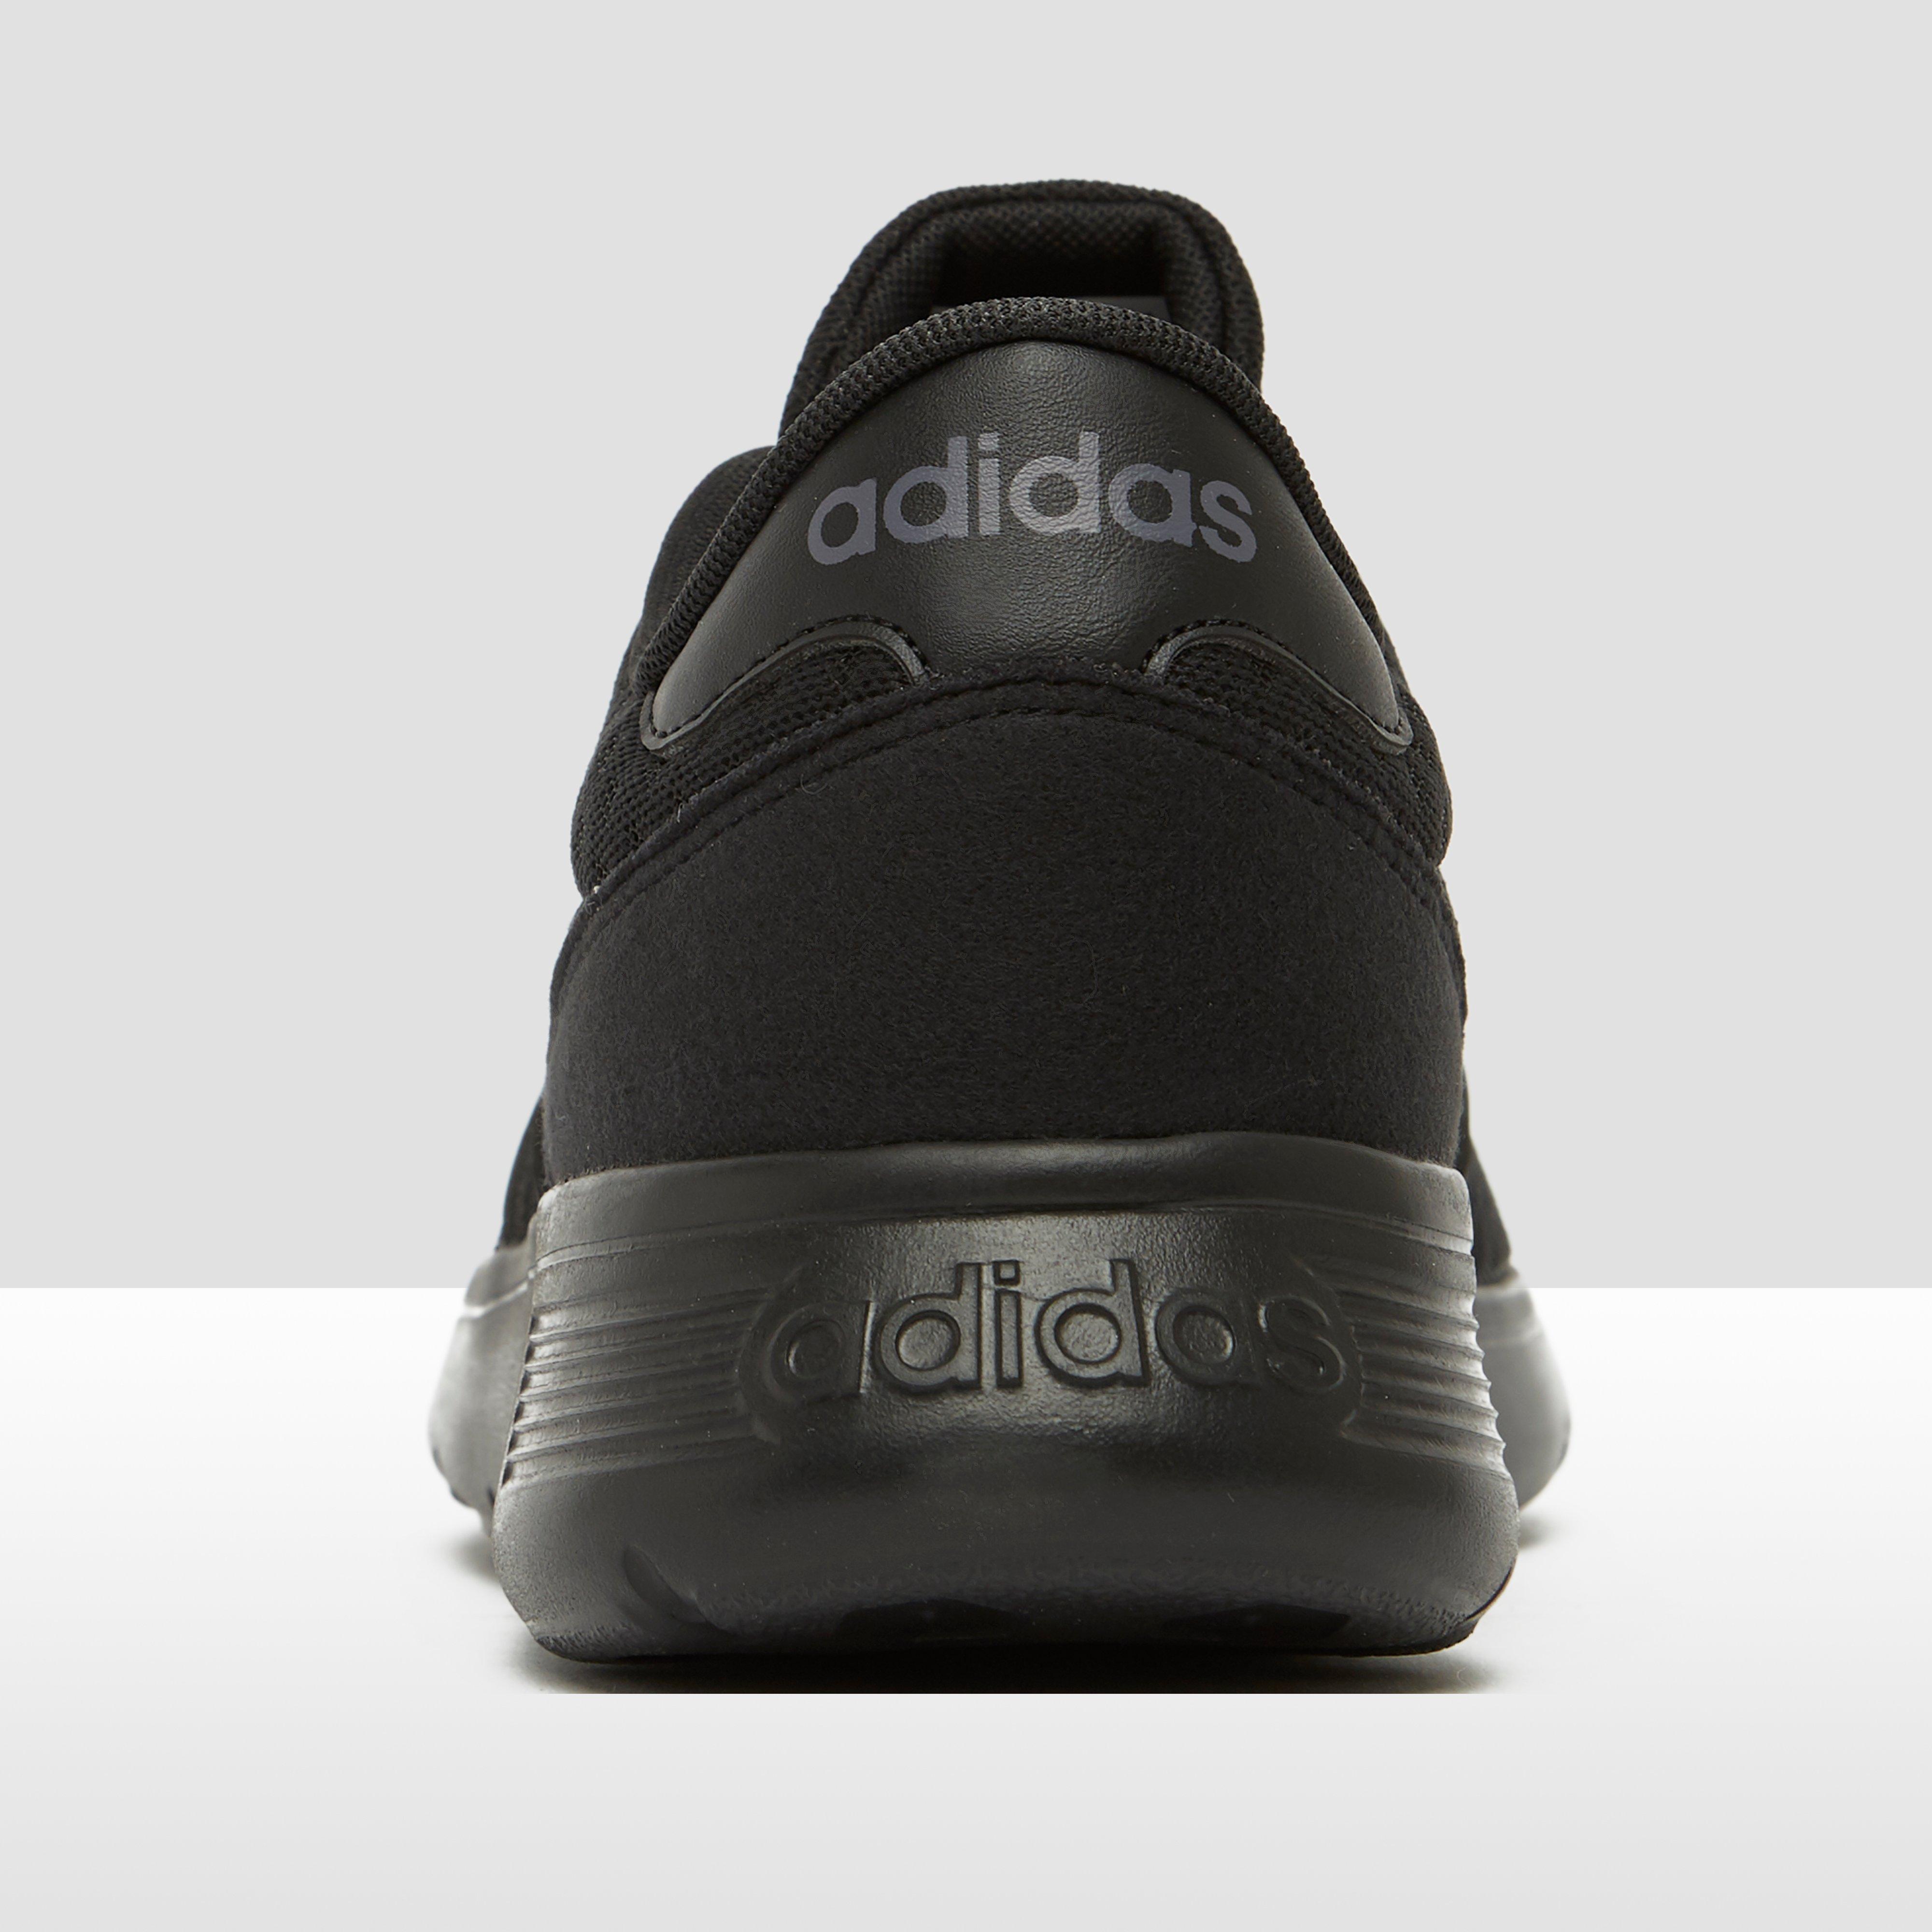 adidas LITE RACER SNEAKERS ZWART HEREN